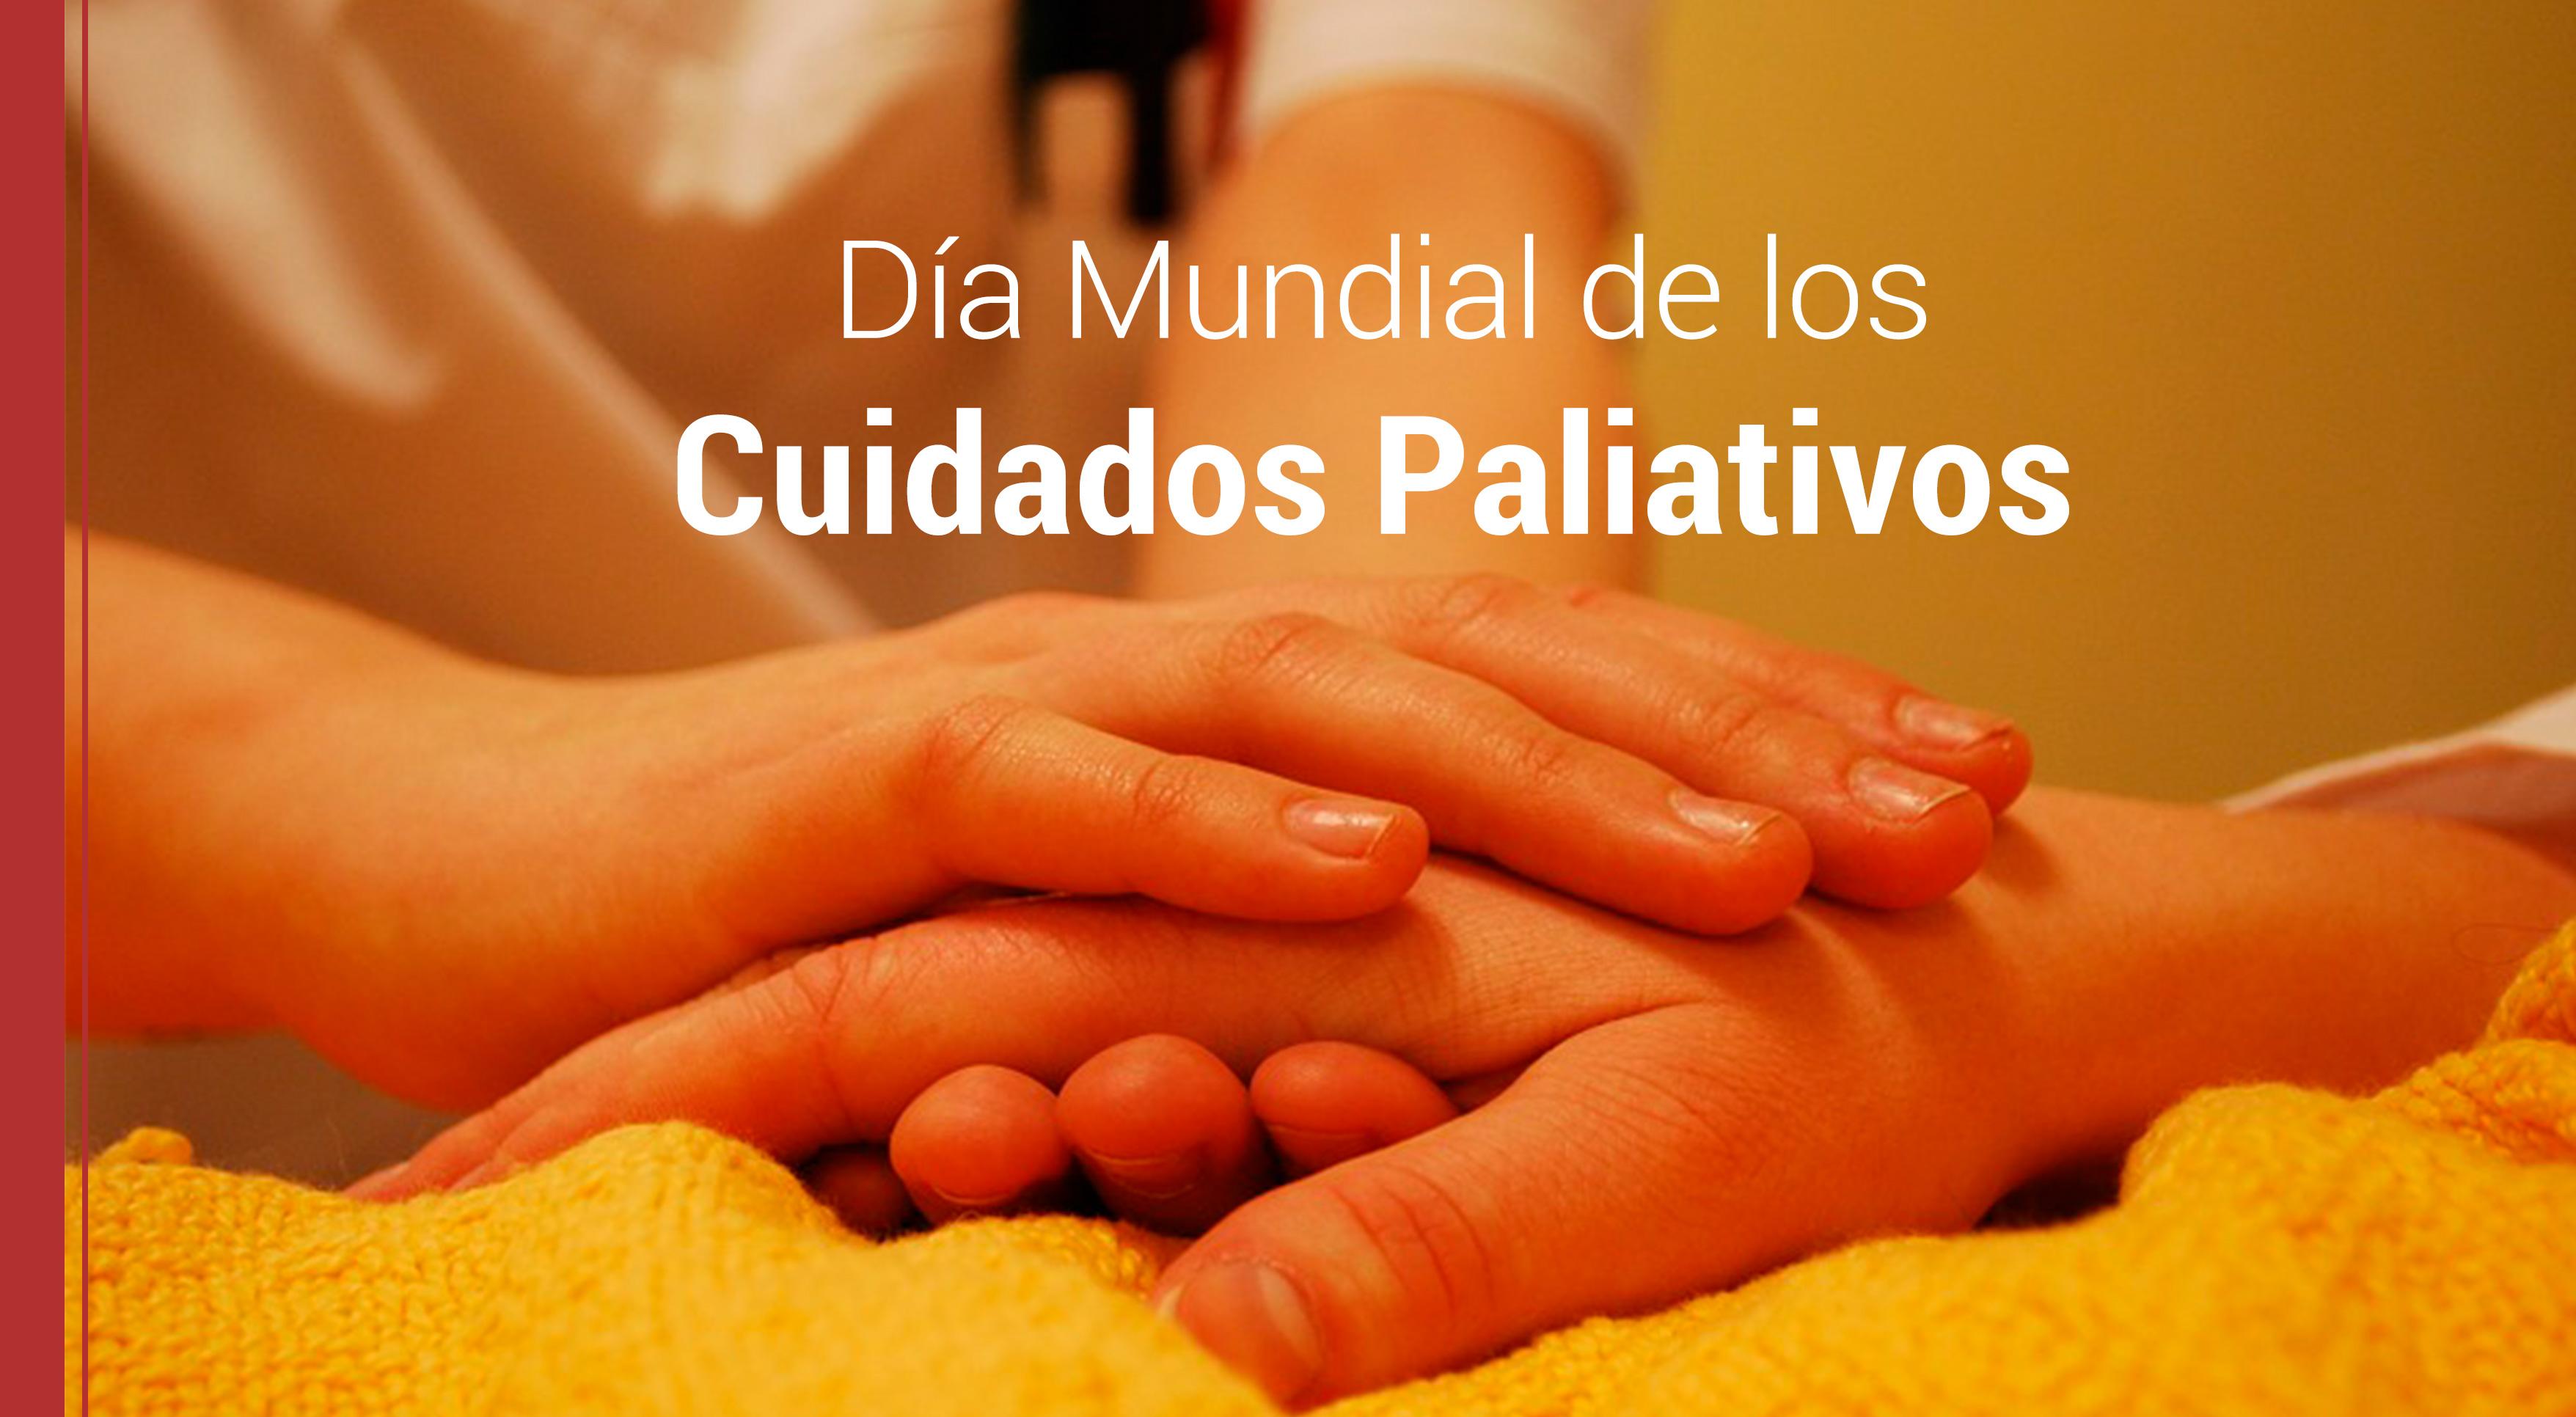 dia-mundial-de-los-cuidados-paliativos Día Mundial de los Cuidados Paliativos